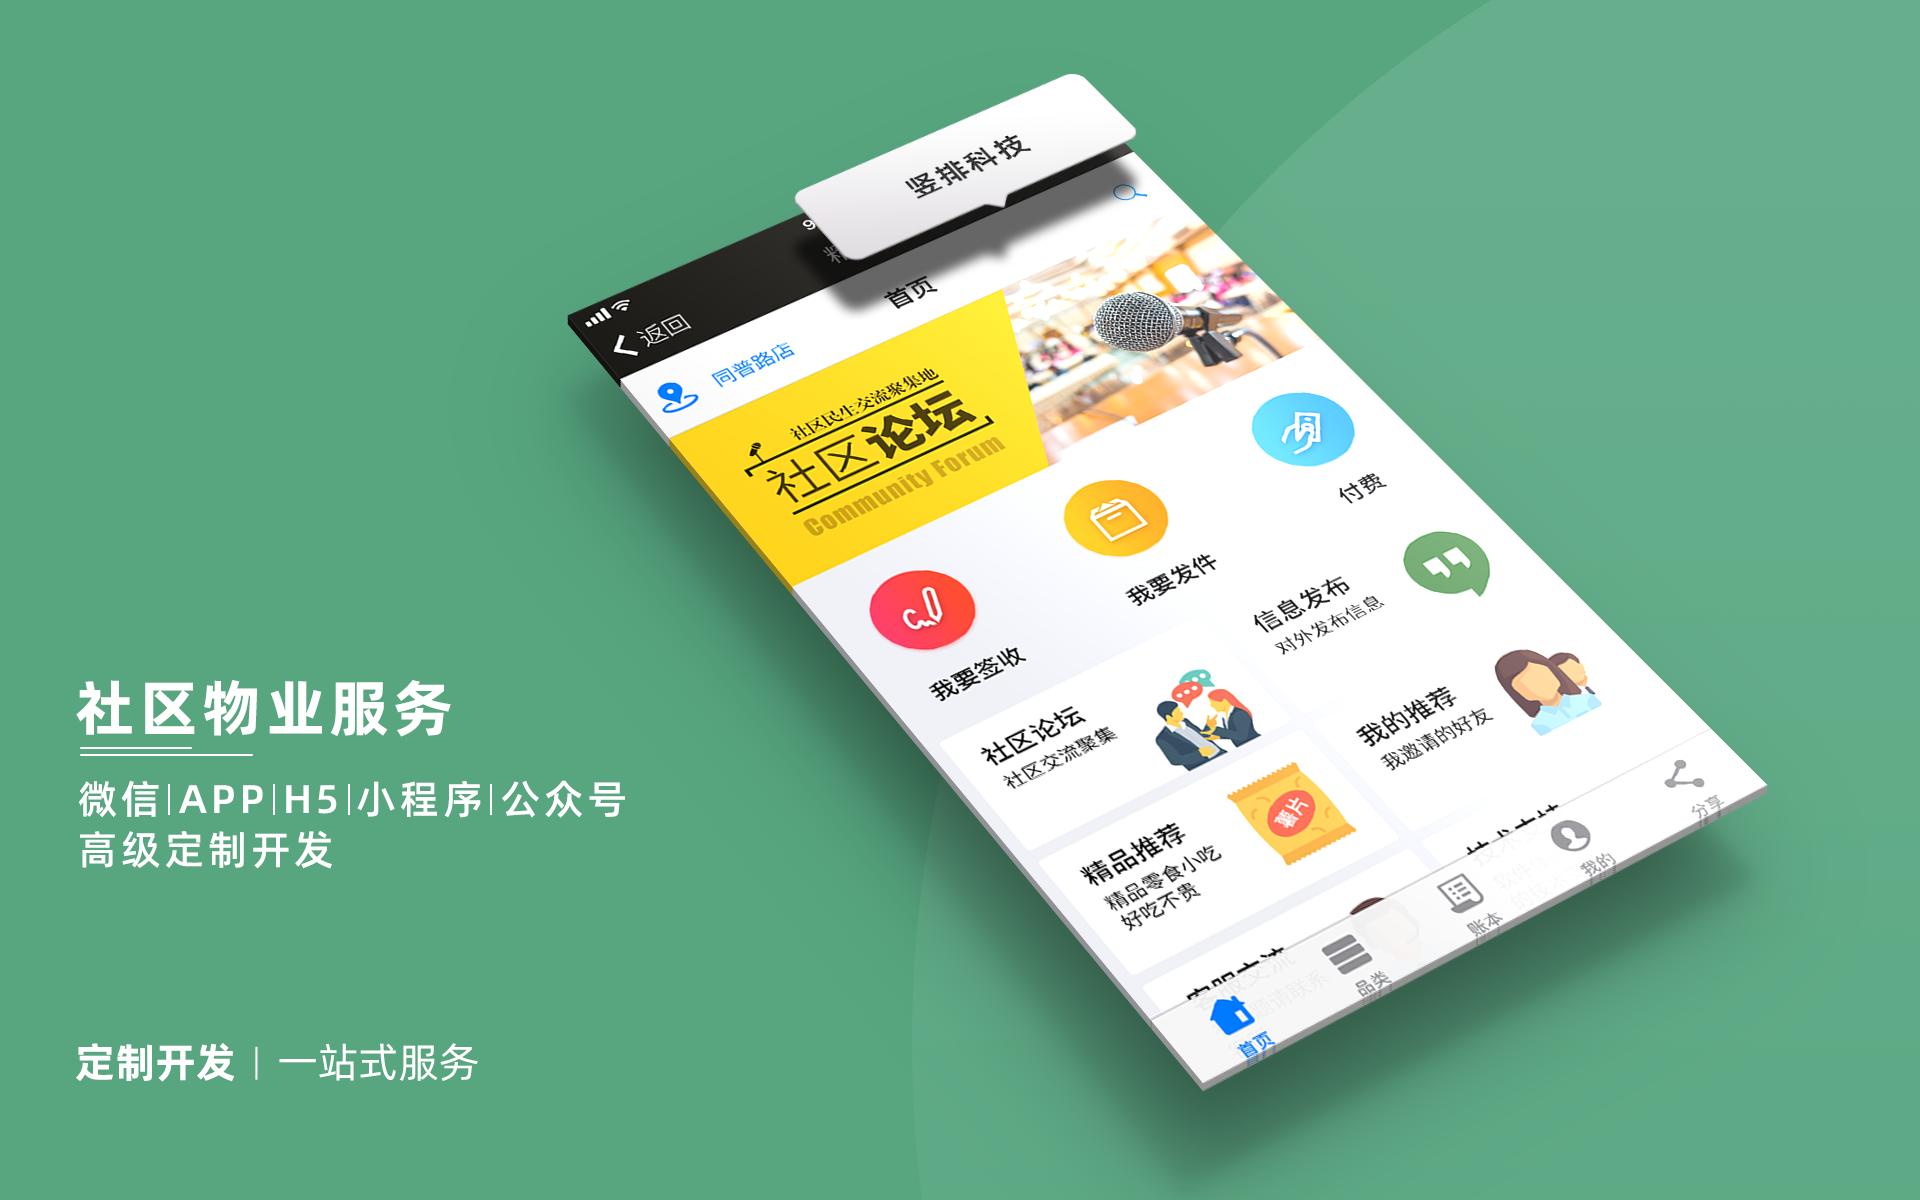 UI设计大数据管理系统序网站建设开发公众号app软件后台H5